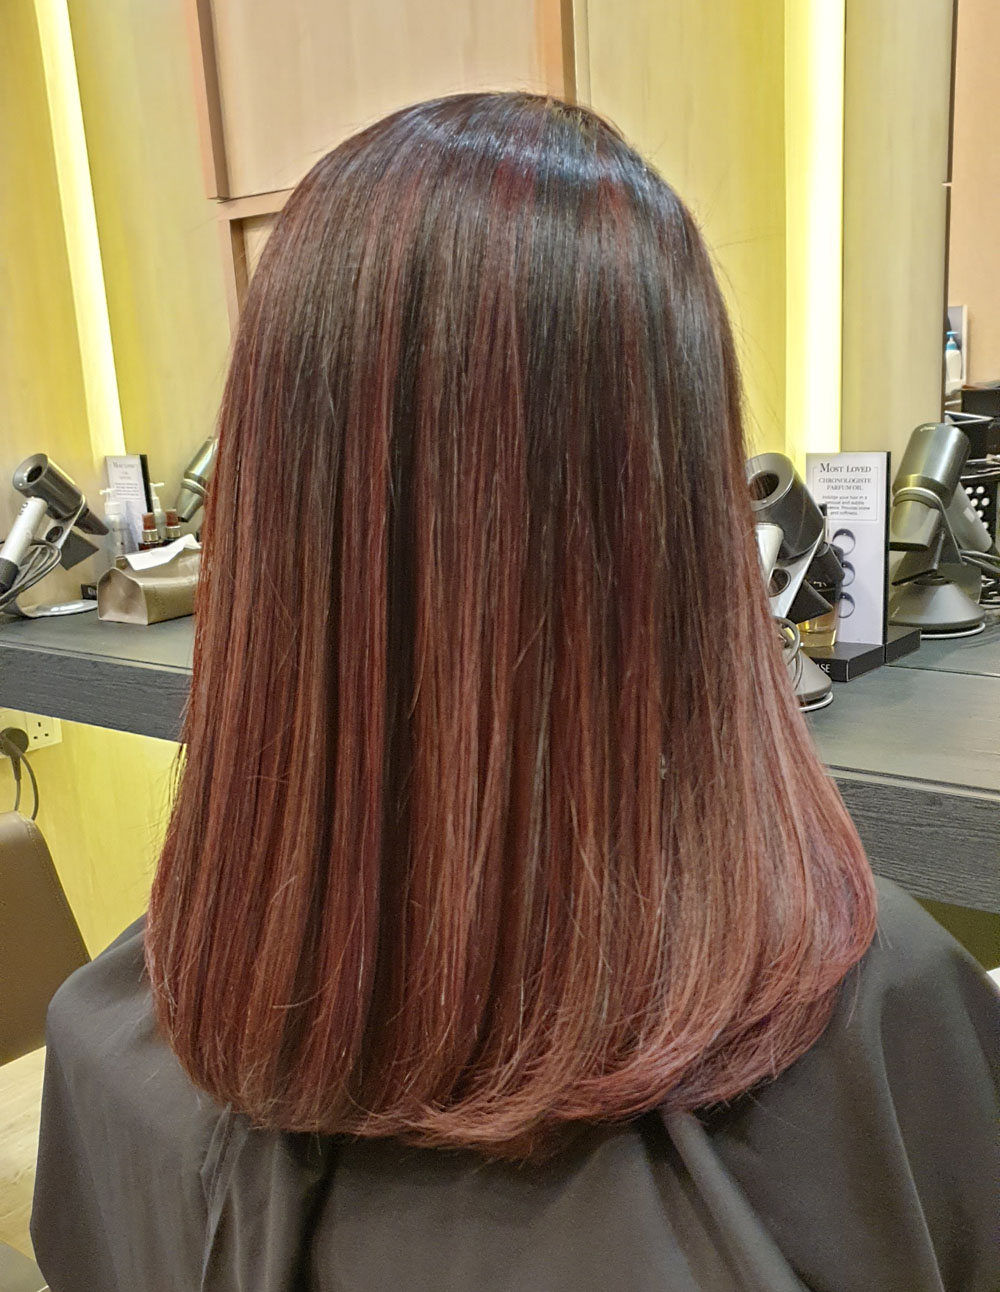 Kimage Hair Colouring 2020